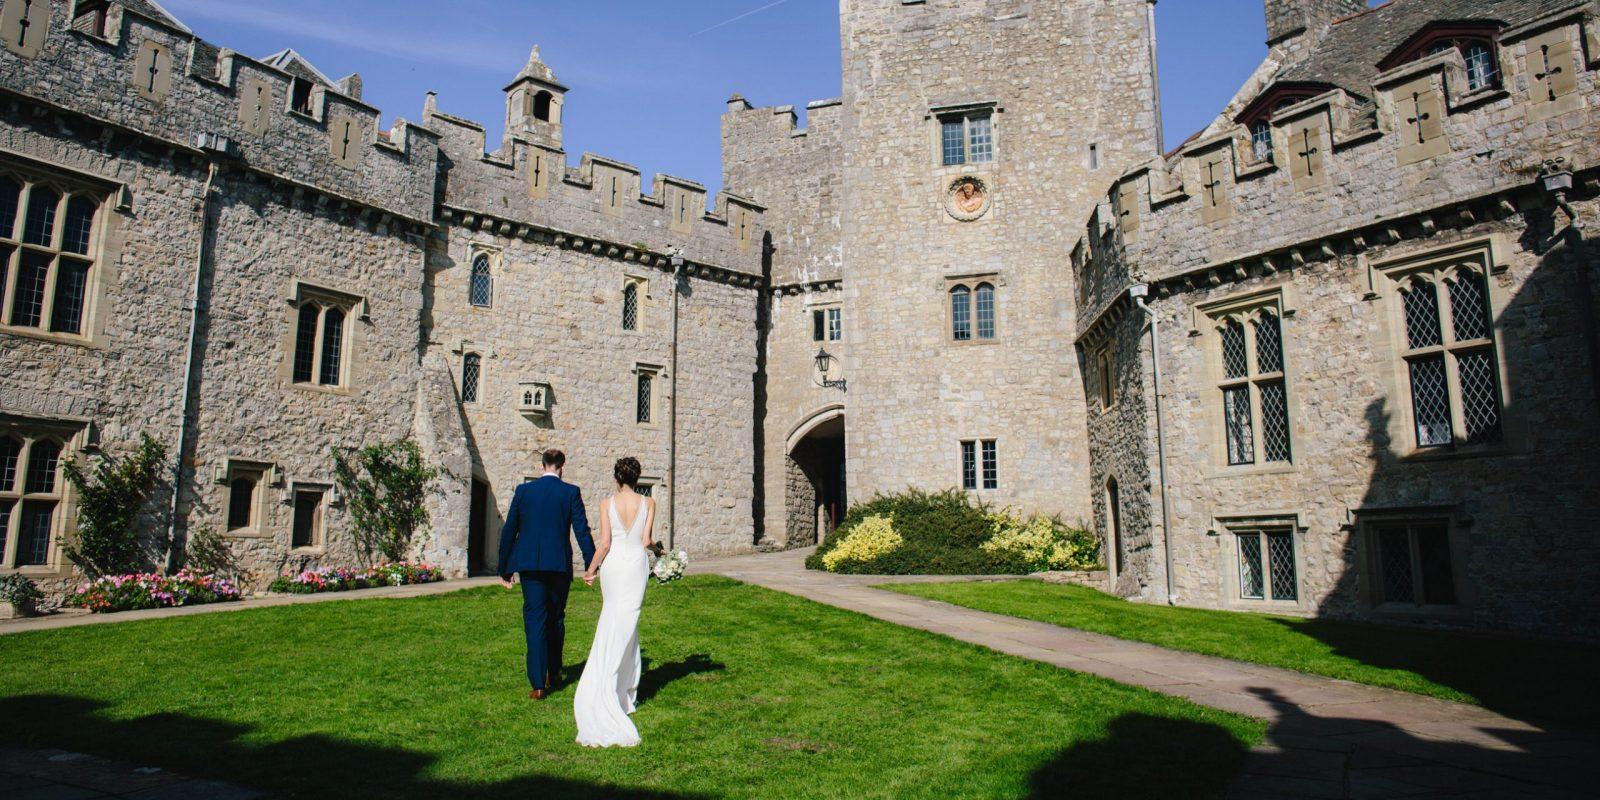 Wedding venue south Wales, St Donat's Castle